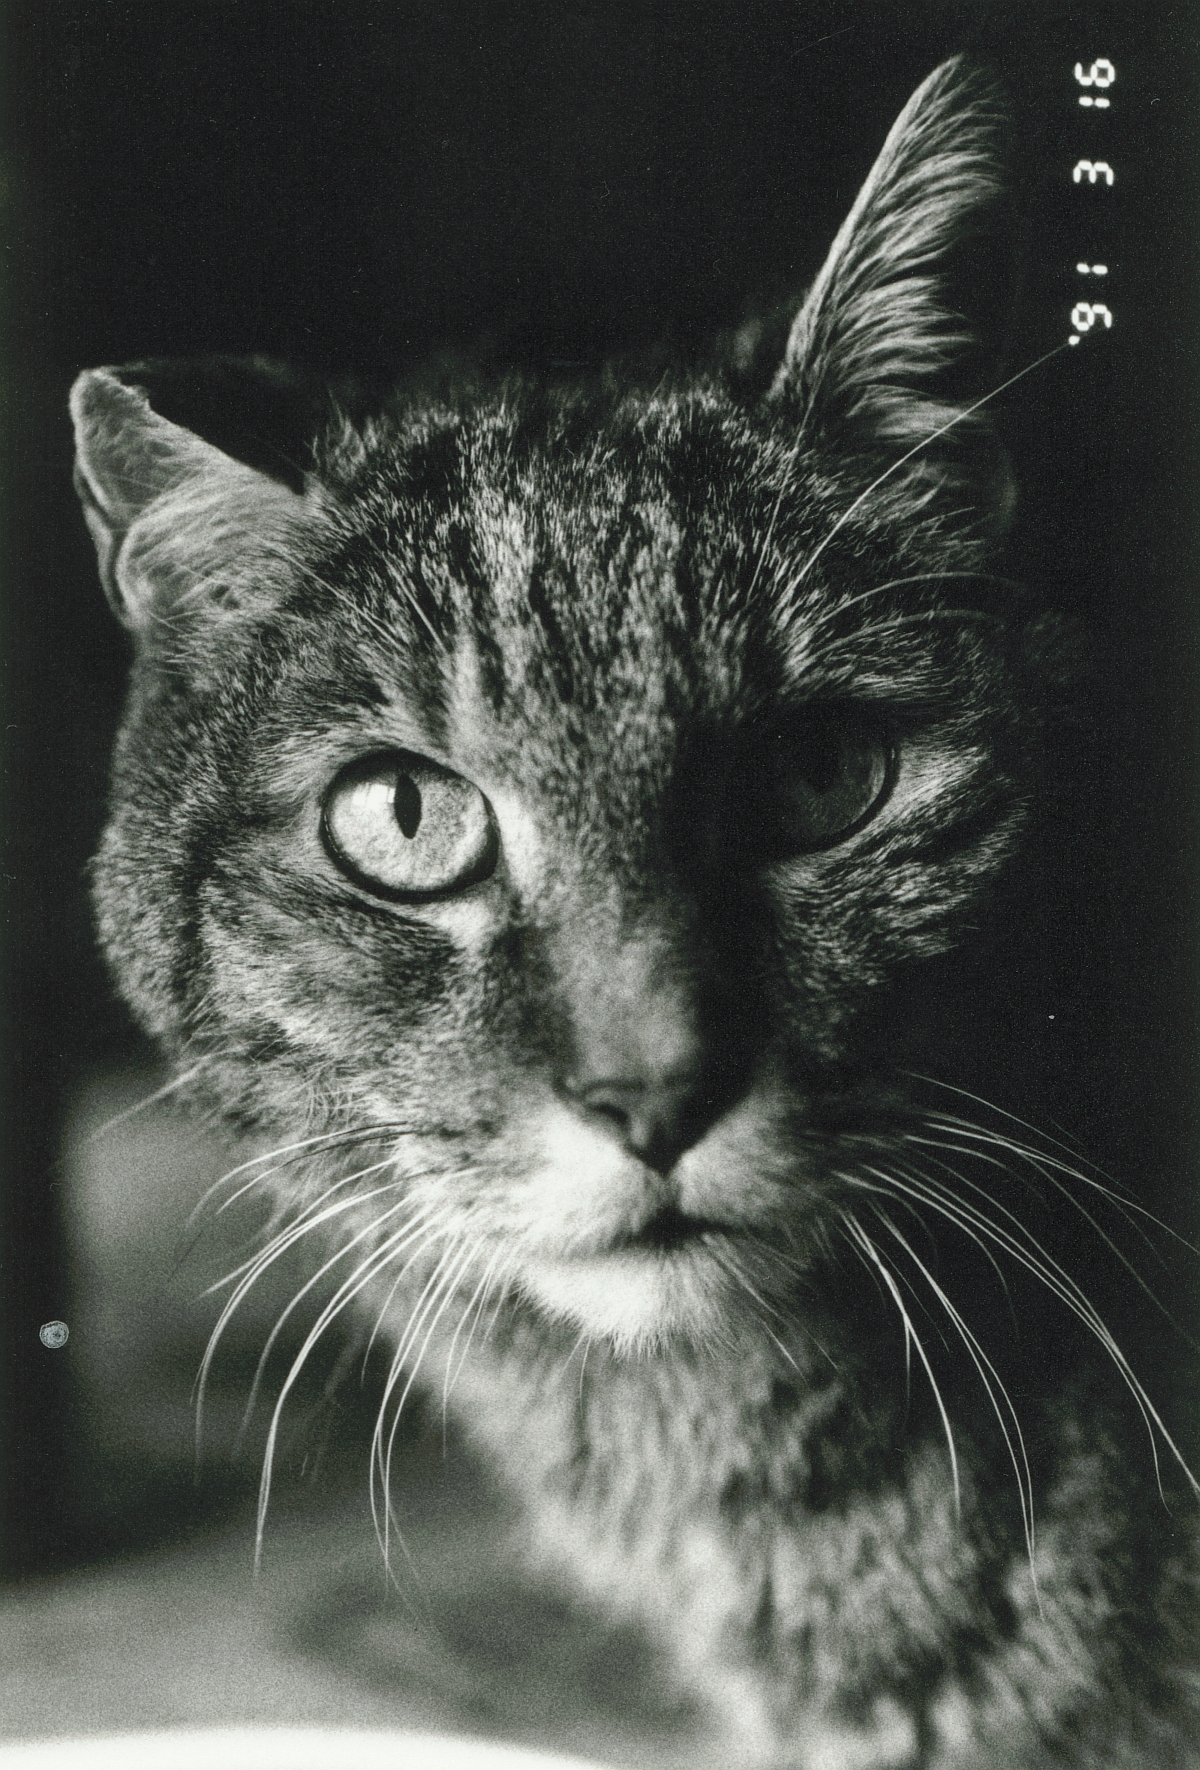 LEO était l'un des chats de Renate, ma compagne. Il est décédé il y a déjà bien longtemps, à un bel âge, après avoir eu une belle vie de chat, cliquer pour une vue agrandie